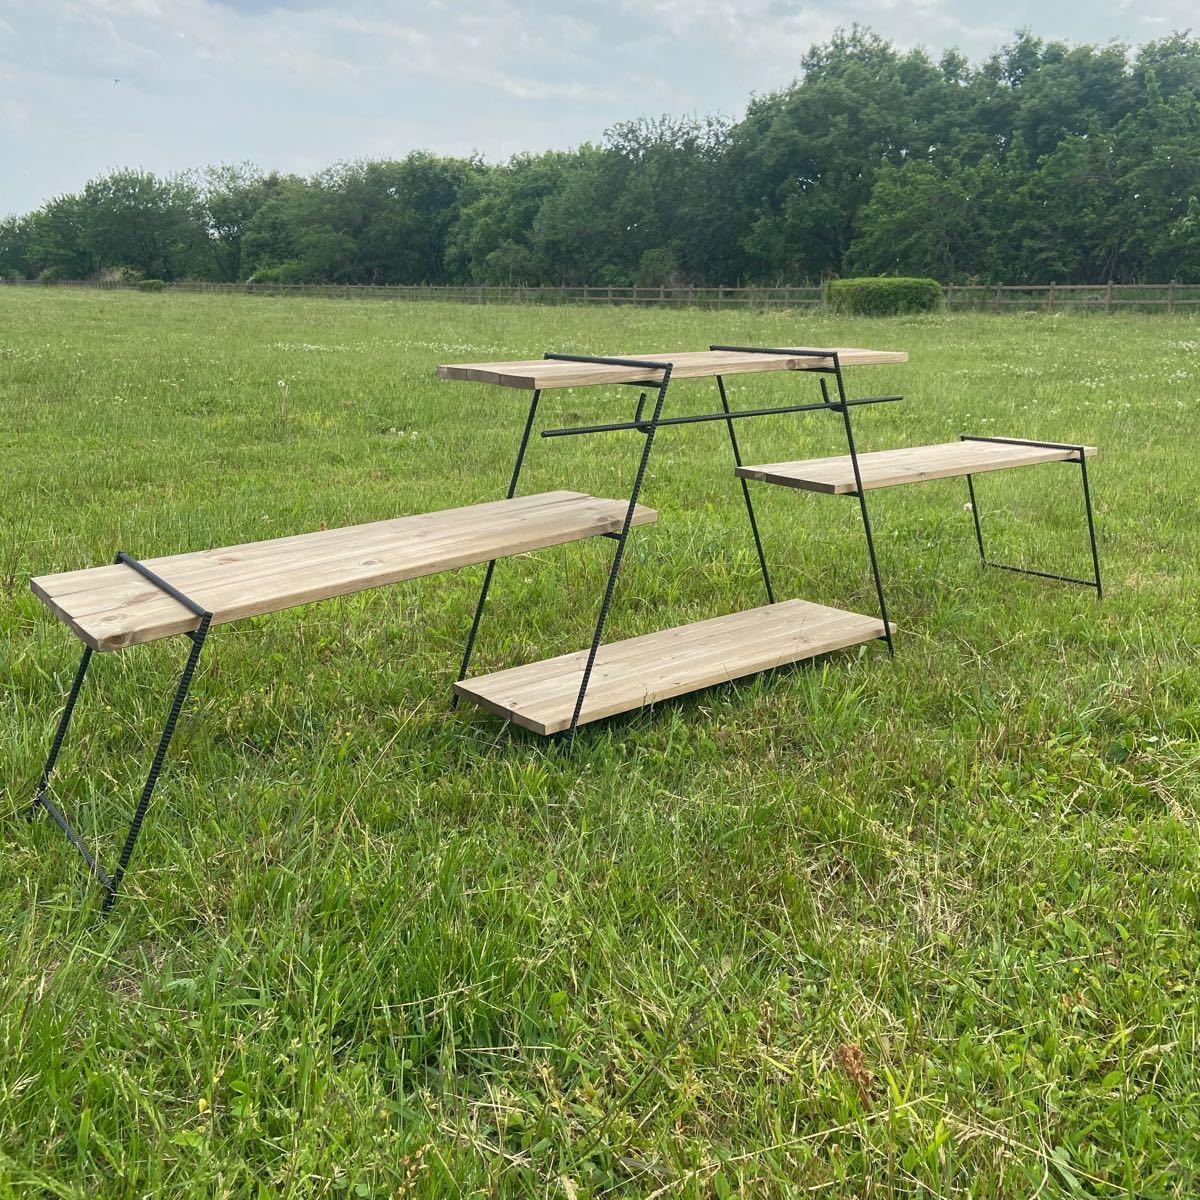 フルセット アイアンラック 70cm&45cm アイアンレッグ コクトクラフト  キャンプ アイアンシェルフ アイアンテーブル